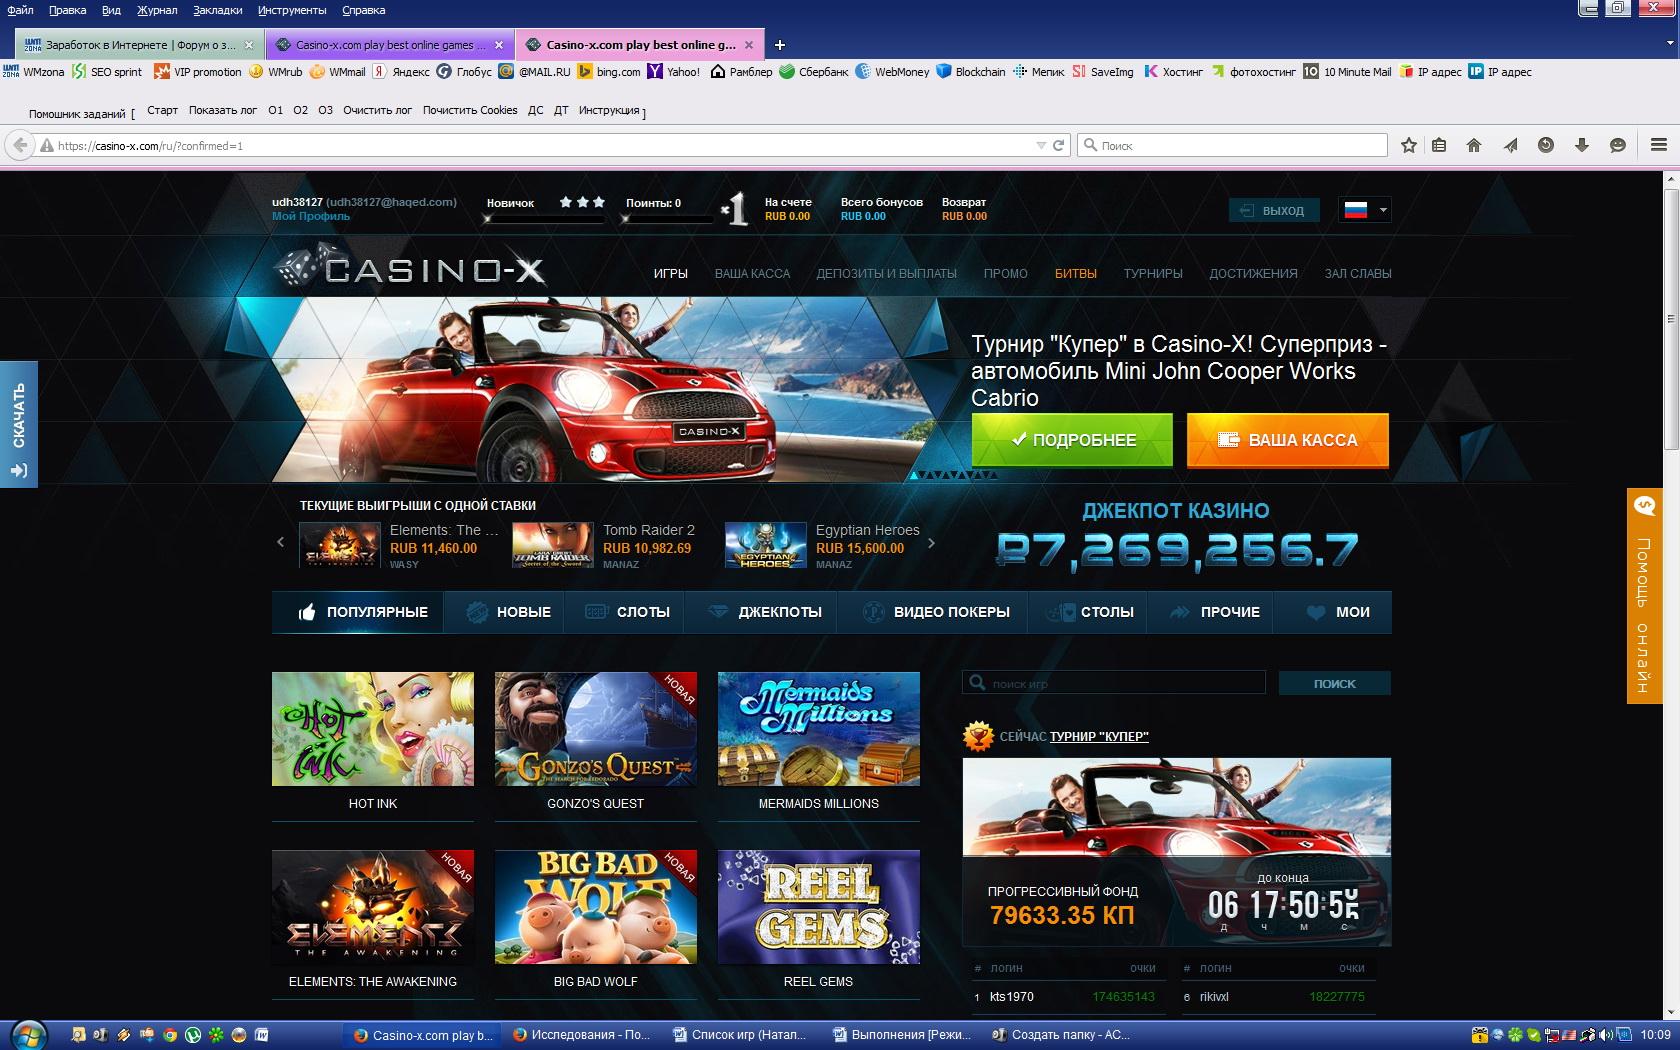 официальный сайт casino x зеркало мобильная